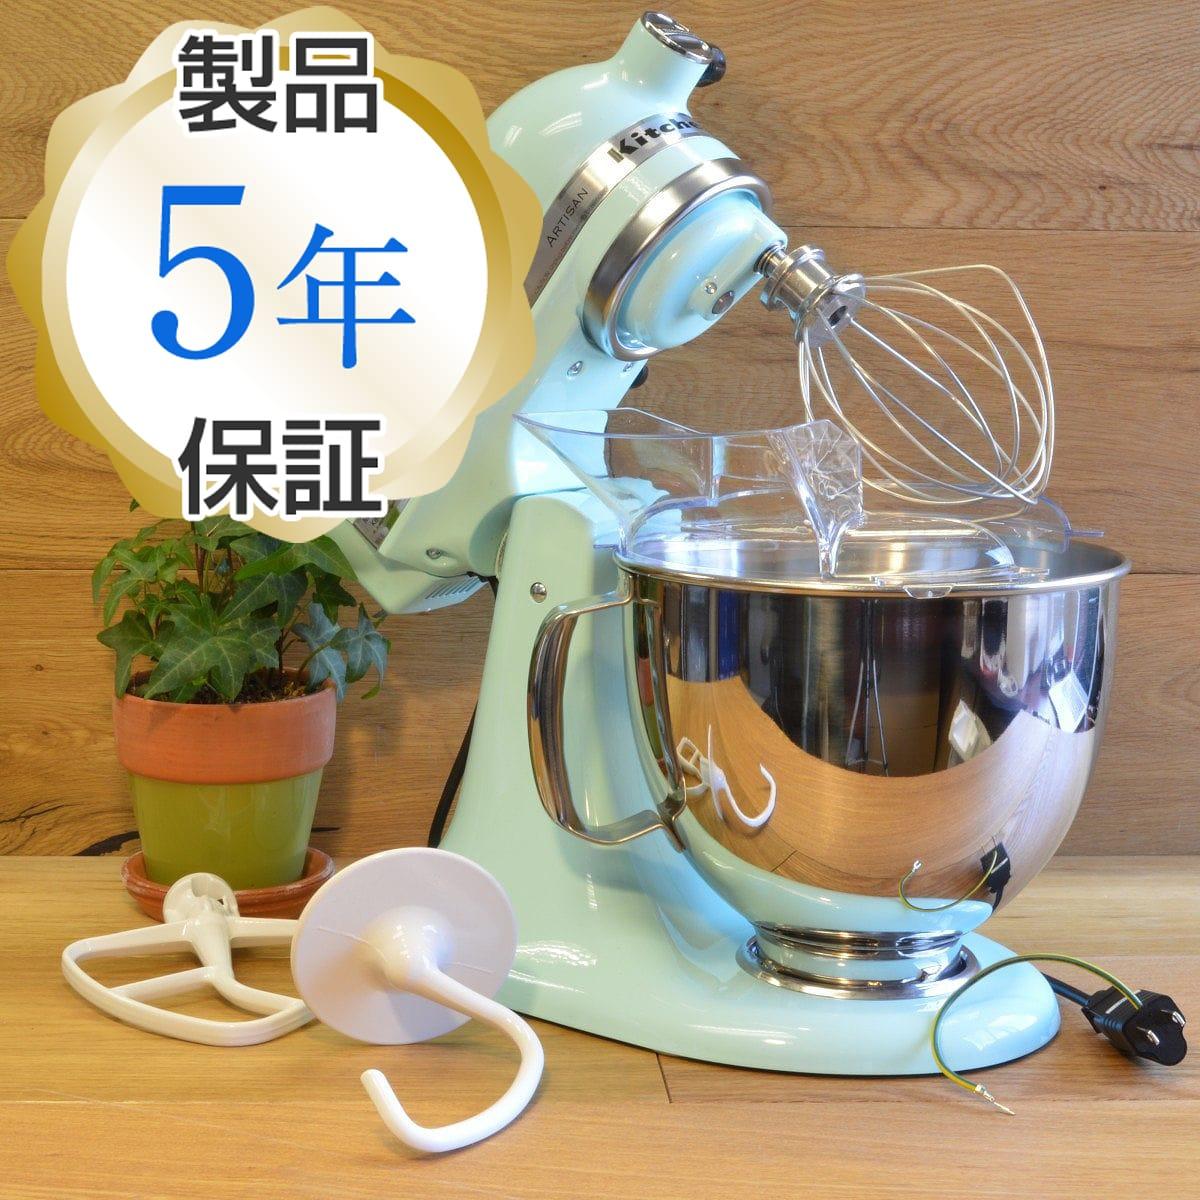 キッチンエイド スタンドミキサー アルチザン 4.8L アイス パステルブルー KitchenAid Artisan 5-Quart Stand Mixers KSM150PSIC Ice 【日本語説明書付】 家電